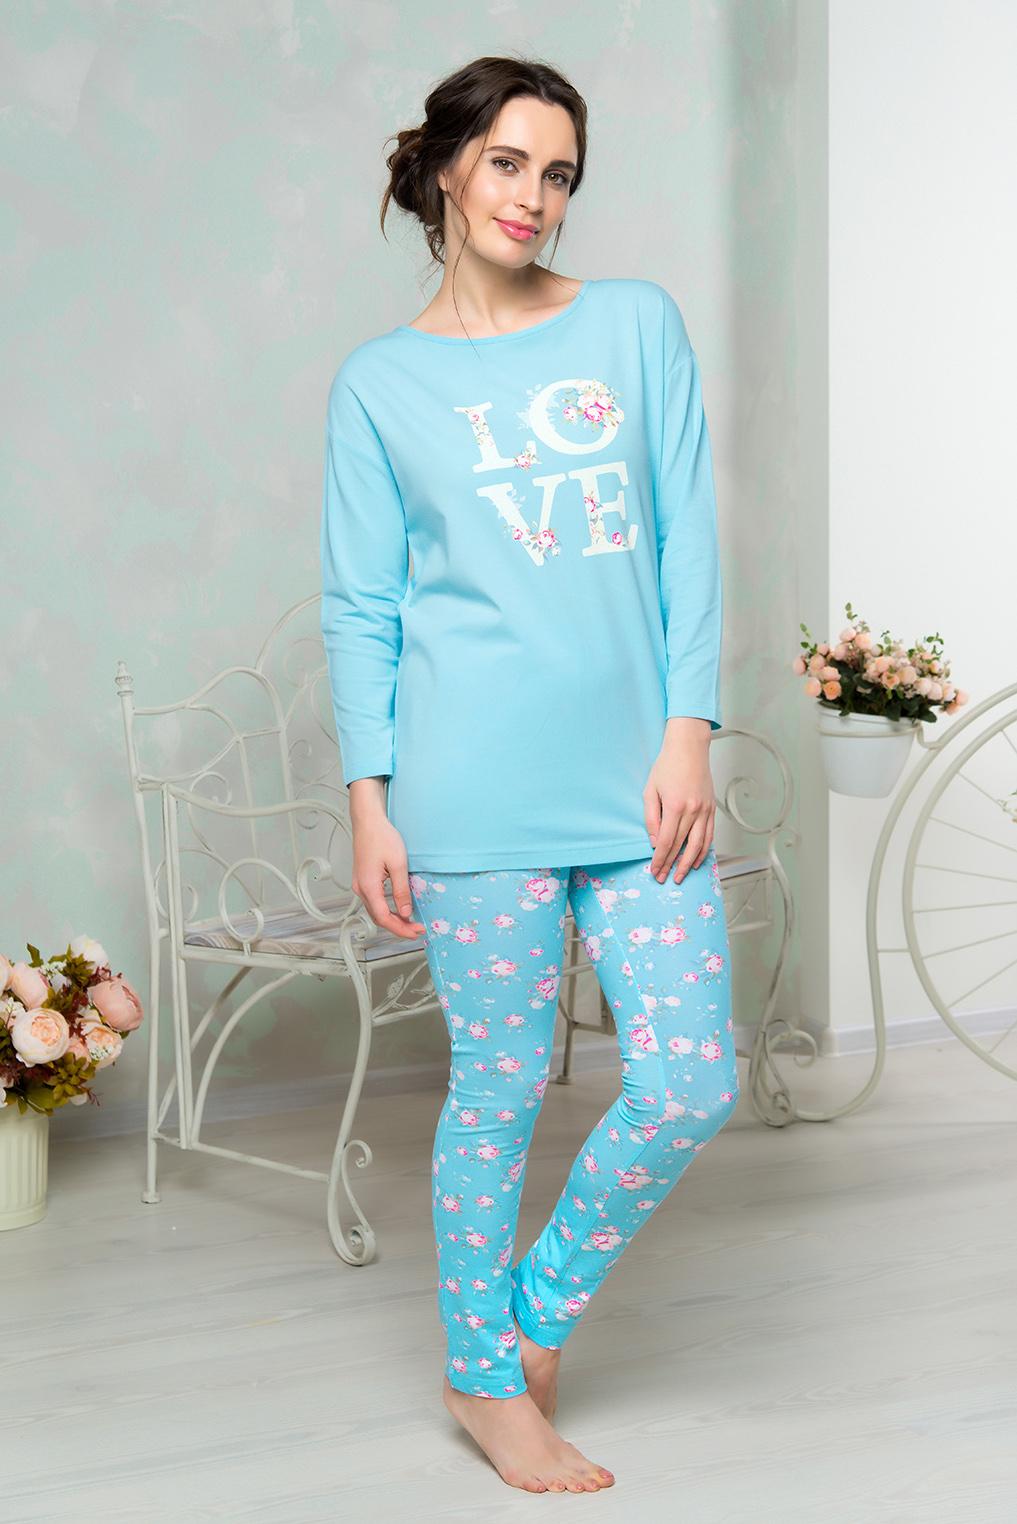 Комплект домашний женский Mia Cara: футболка, брюки, цвет: голубой. AW16-MCUZ-853. Размер 50/52AW16-MCUZ-853Комплект домашний одежды Mia Cara состоит из футболки с длинными рукавами и брюк. Модель выполнена из высококачественного хлопка с добавлением эластана. Футболка с круглой горловиной дополнена на спинке вырезом и завязками. Брюки оформлены цветочным принтом.